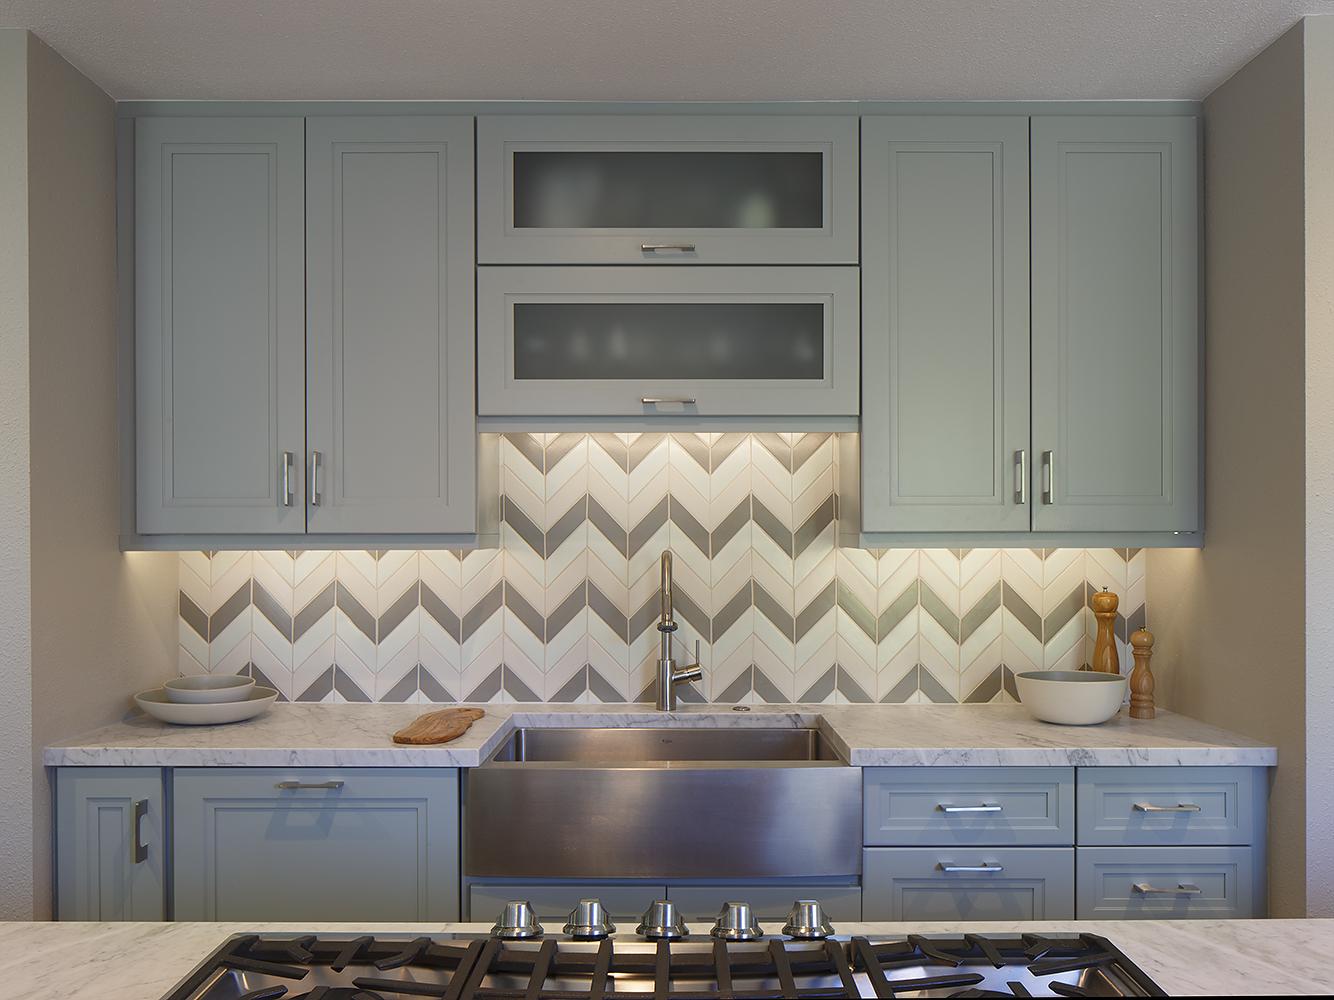 Interior design by Elena Calabrese Design & Decor